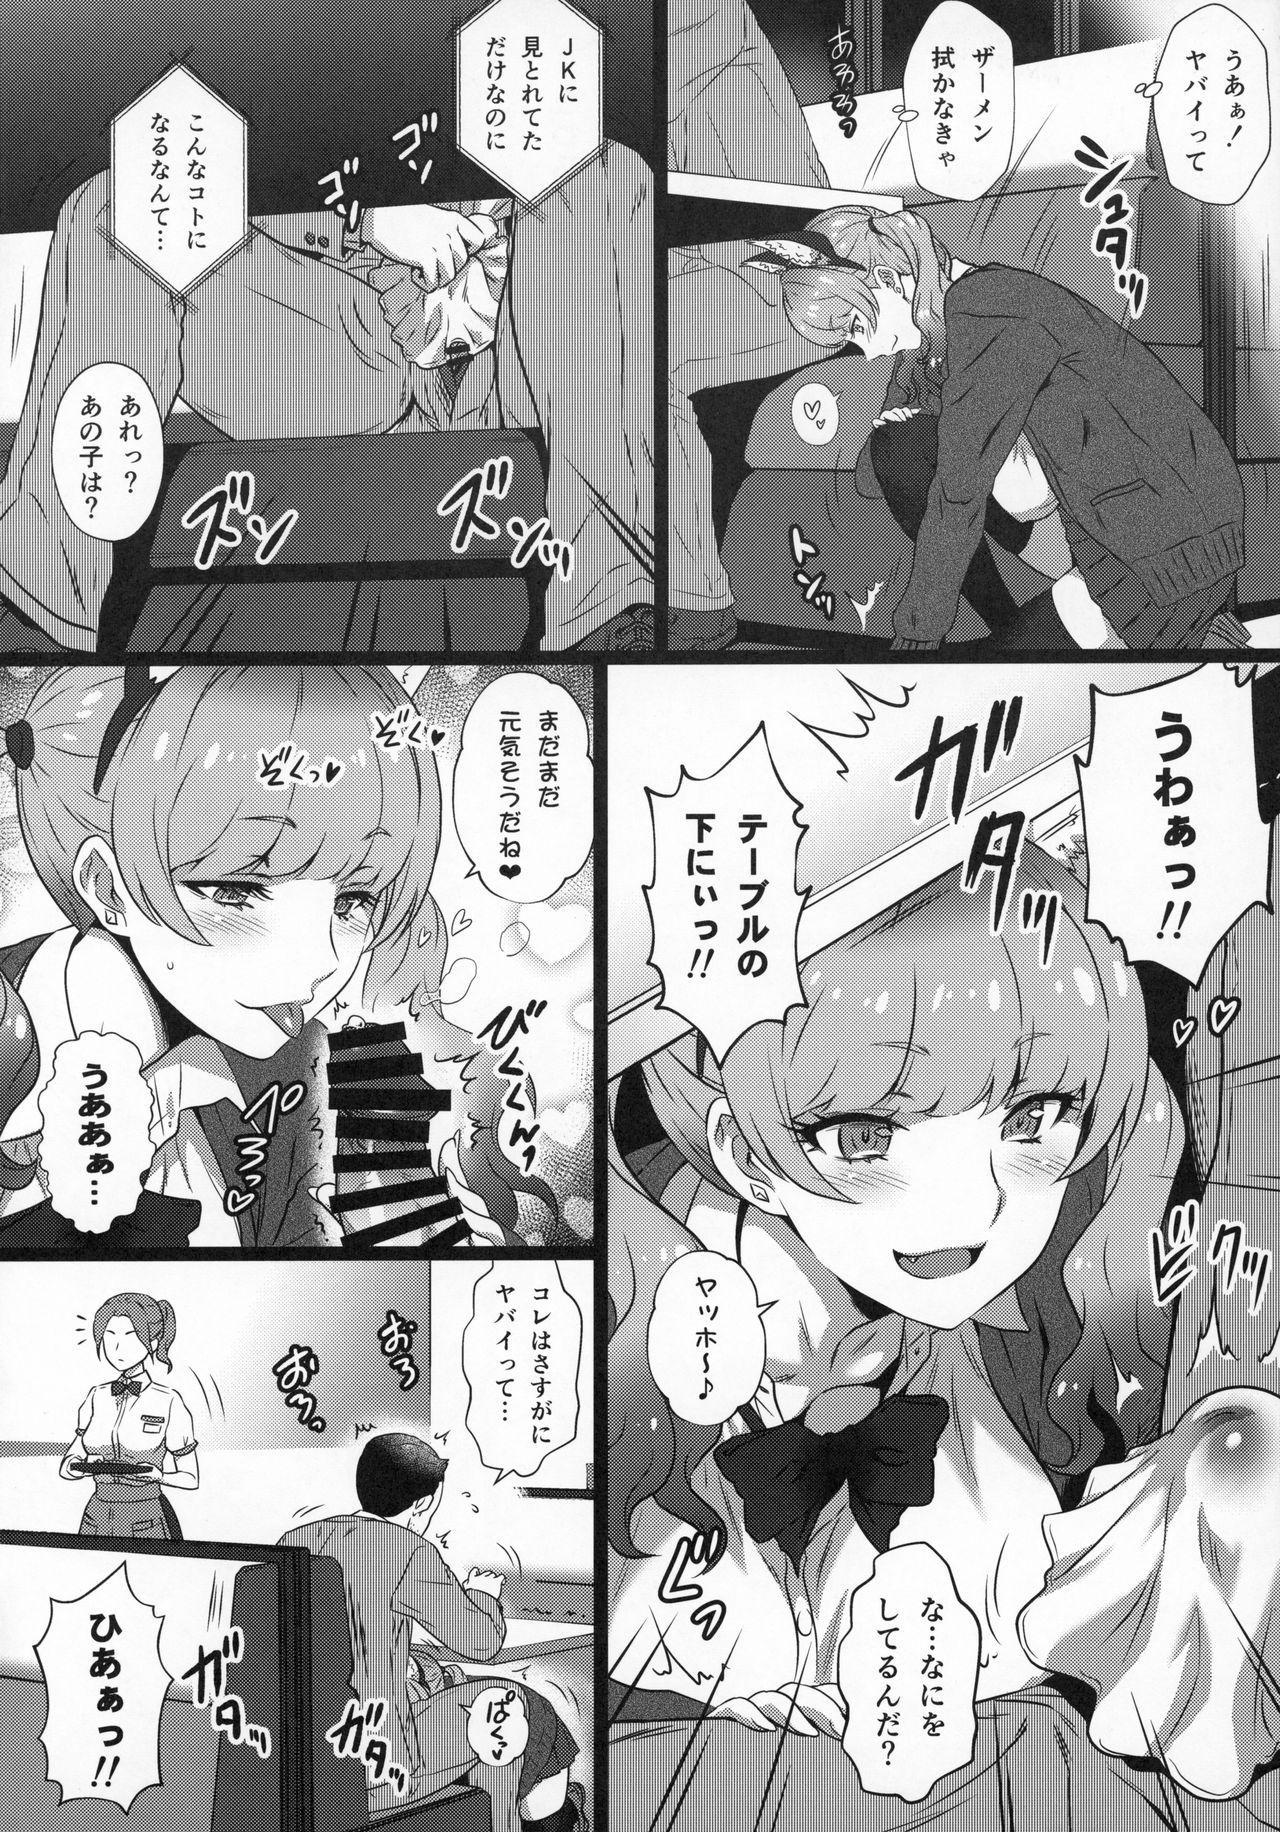 Yorokobi no Kuni Vol. 37 - Koakuma Gal ni Furimawasaretai 6